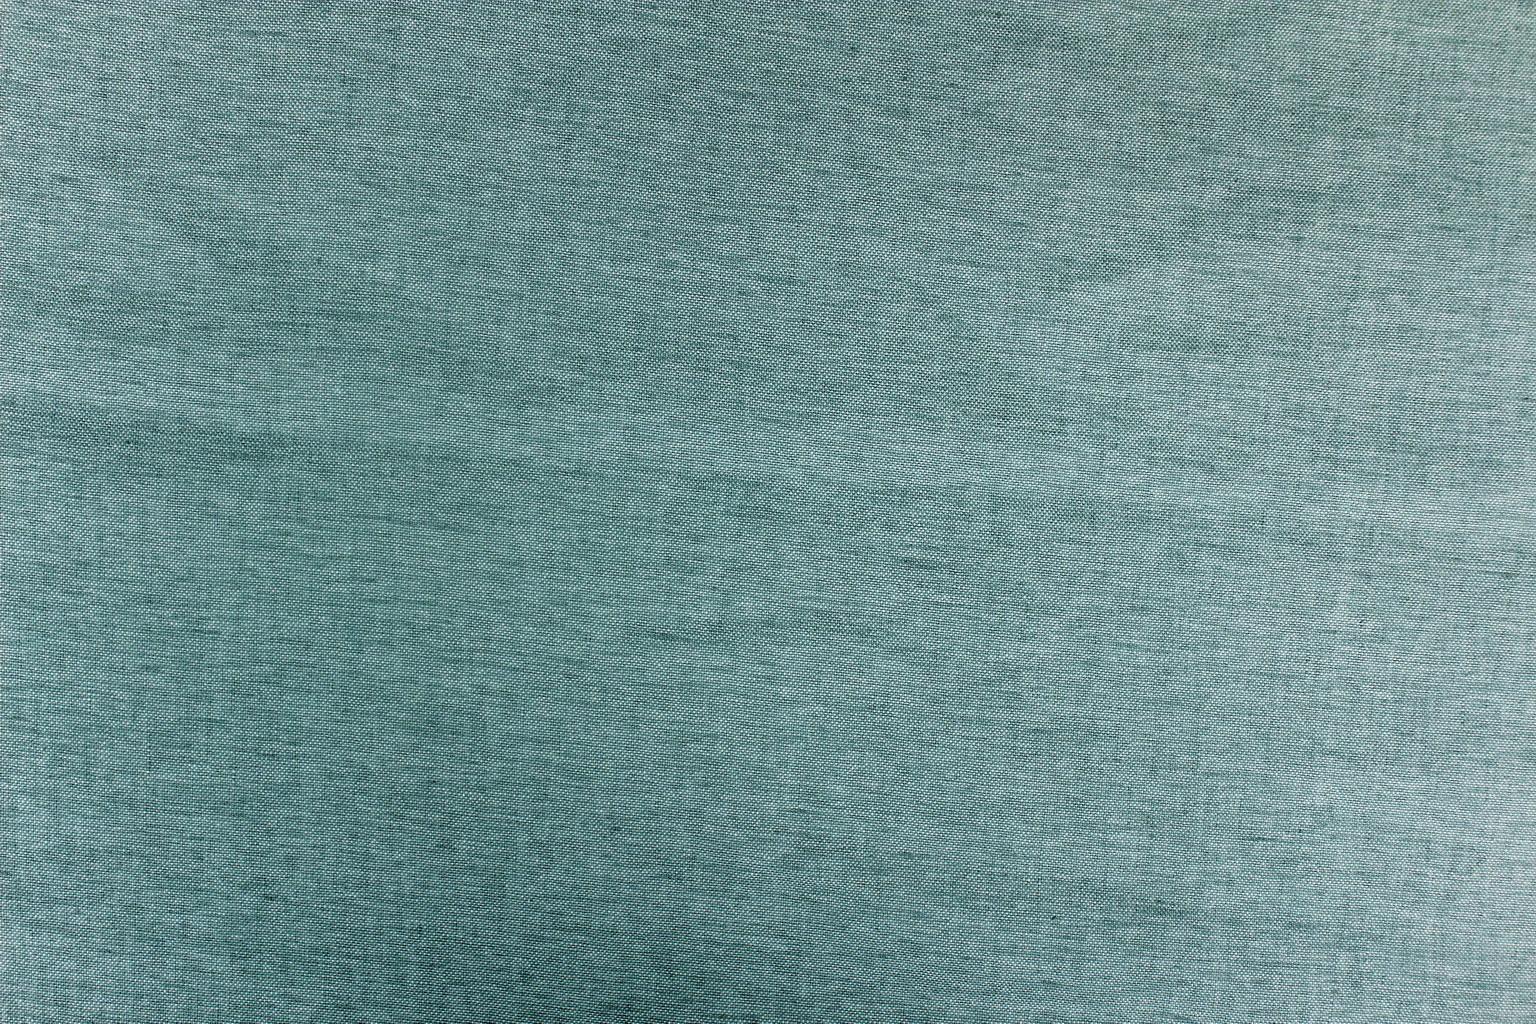 RAGUSA Tourquoise